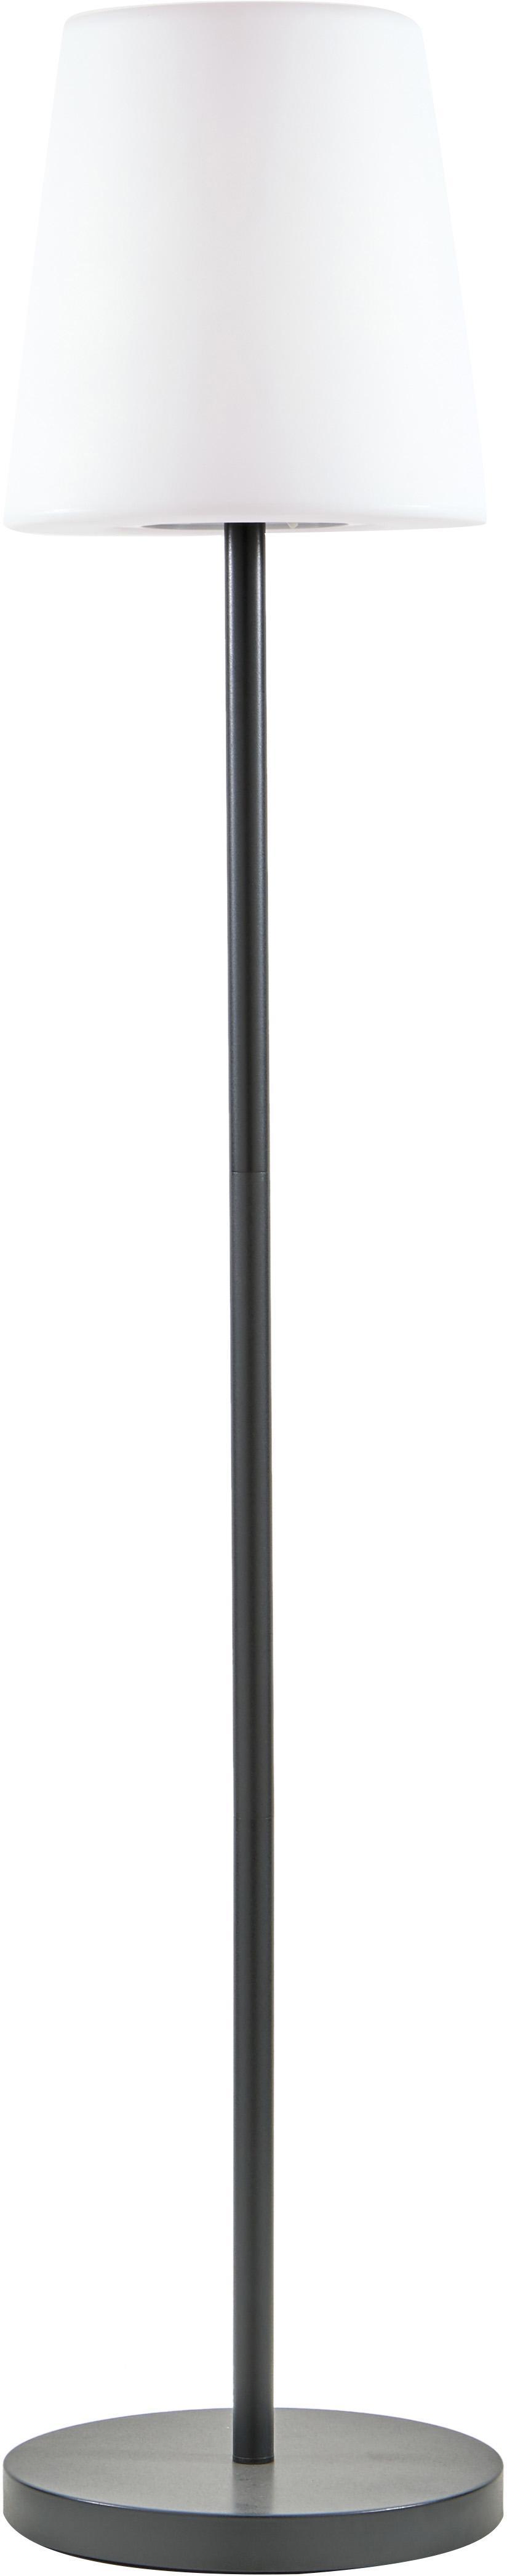 Lampada da esterno a LED portatile Placido, Base della lampada: metallo, rivestito, Paralume: plastica, Bianco, nero, Ø 31 x Alt. 150 cm